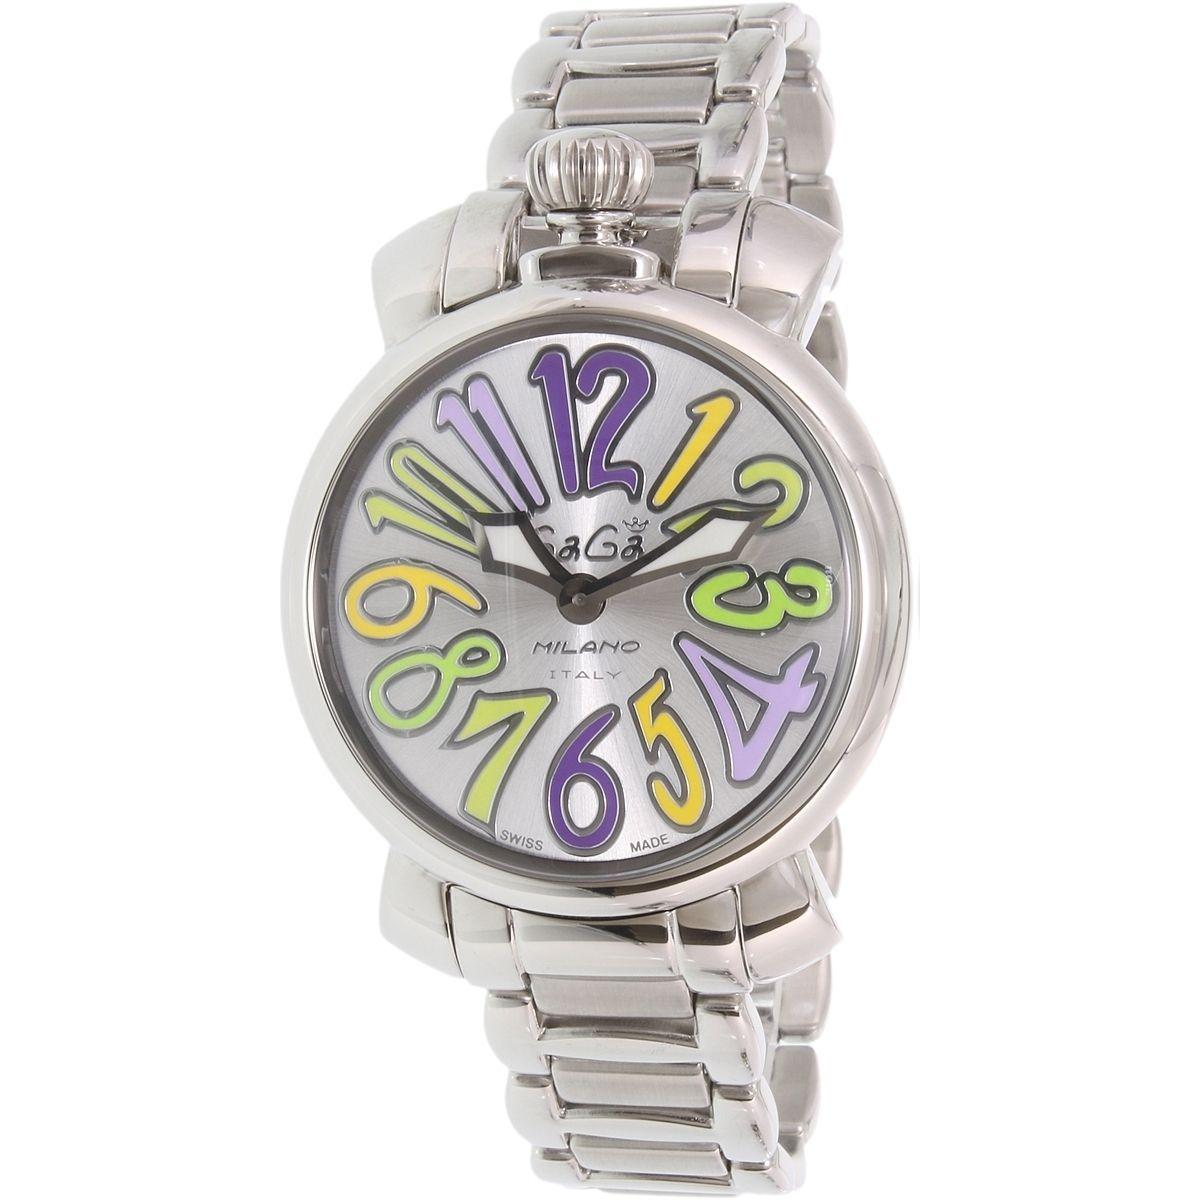 4148809ed87 Stainless Steel · Female Watches · Gaga Milano Women s 6020.5 Swiss Quartz  Watch